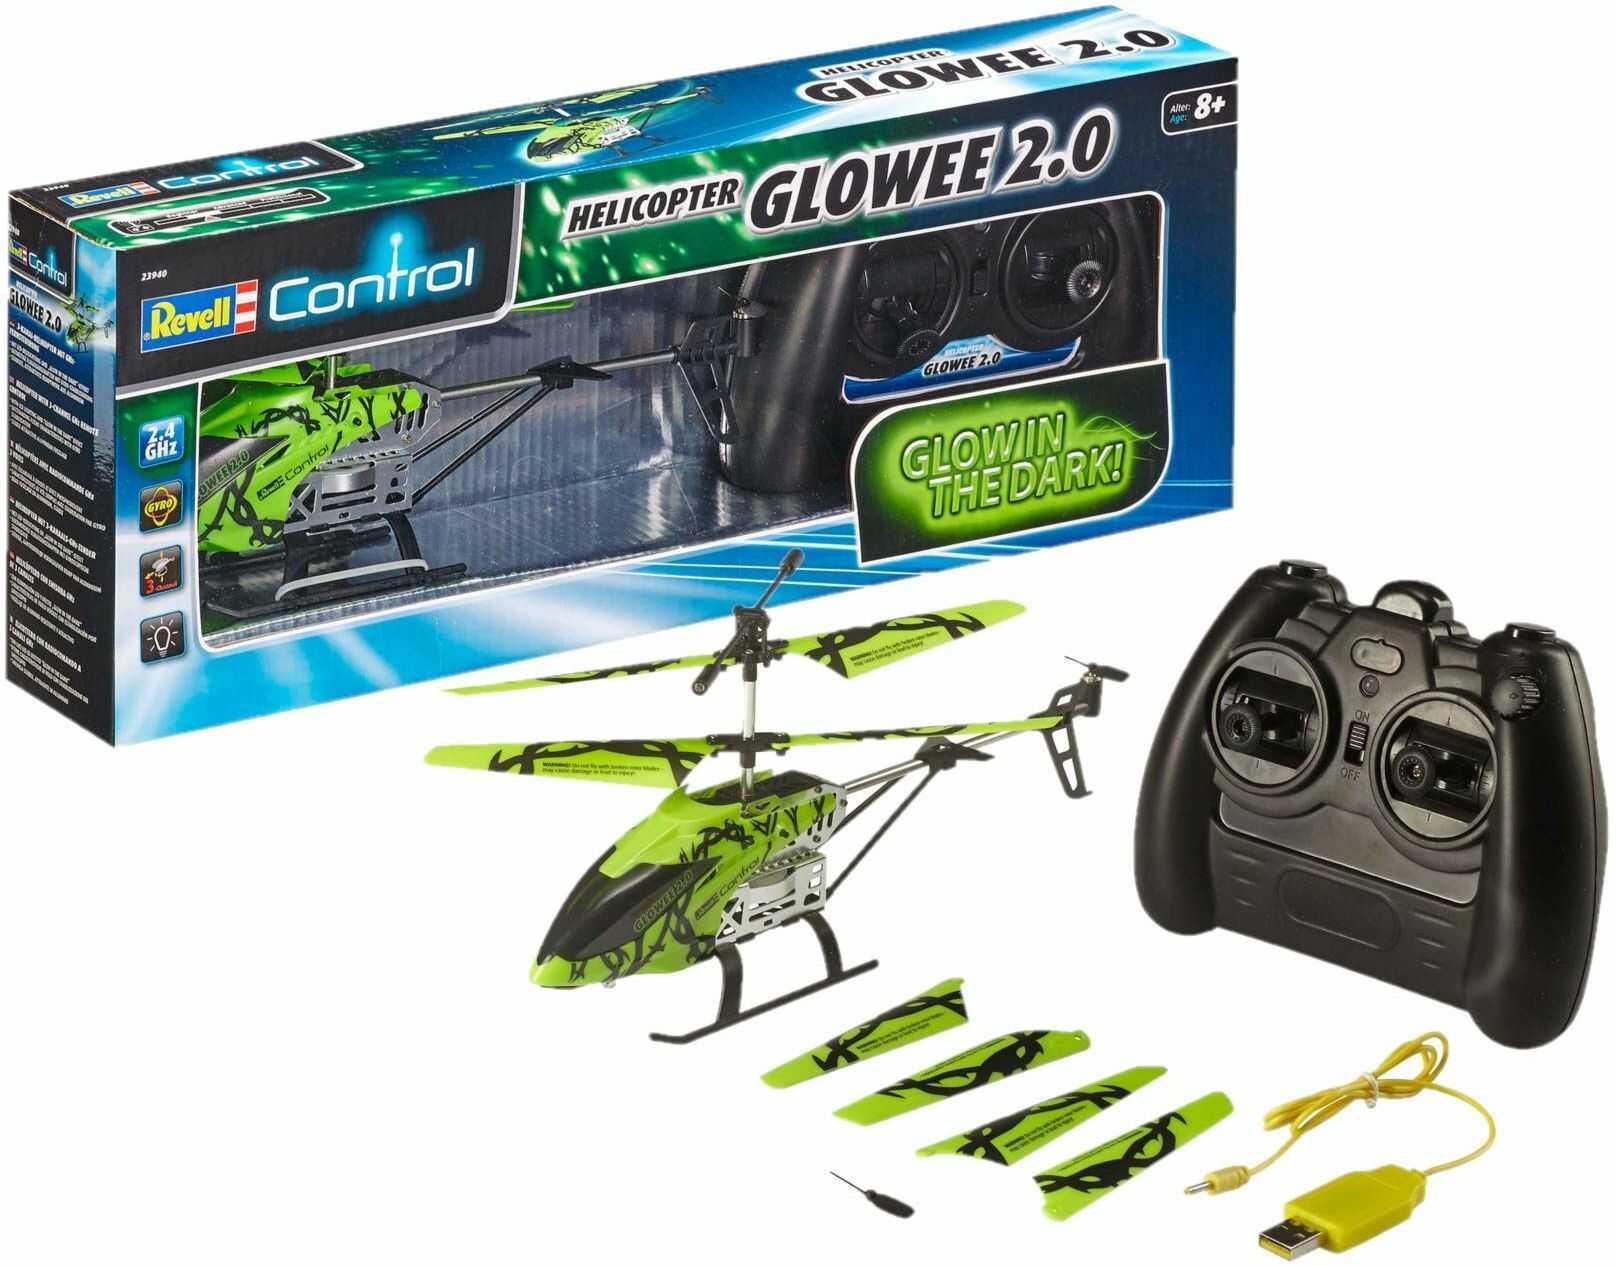 Revell Control 23940 RC Helicopter Glowee 2.0, 2,4 GHz, łatwy do latania, żyroskop, efekty LED Glow-in-the-Dark akumulator, zdalnie sterowany helikopter, zielony, 25 cm